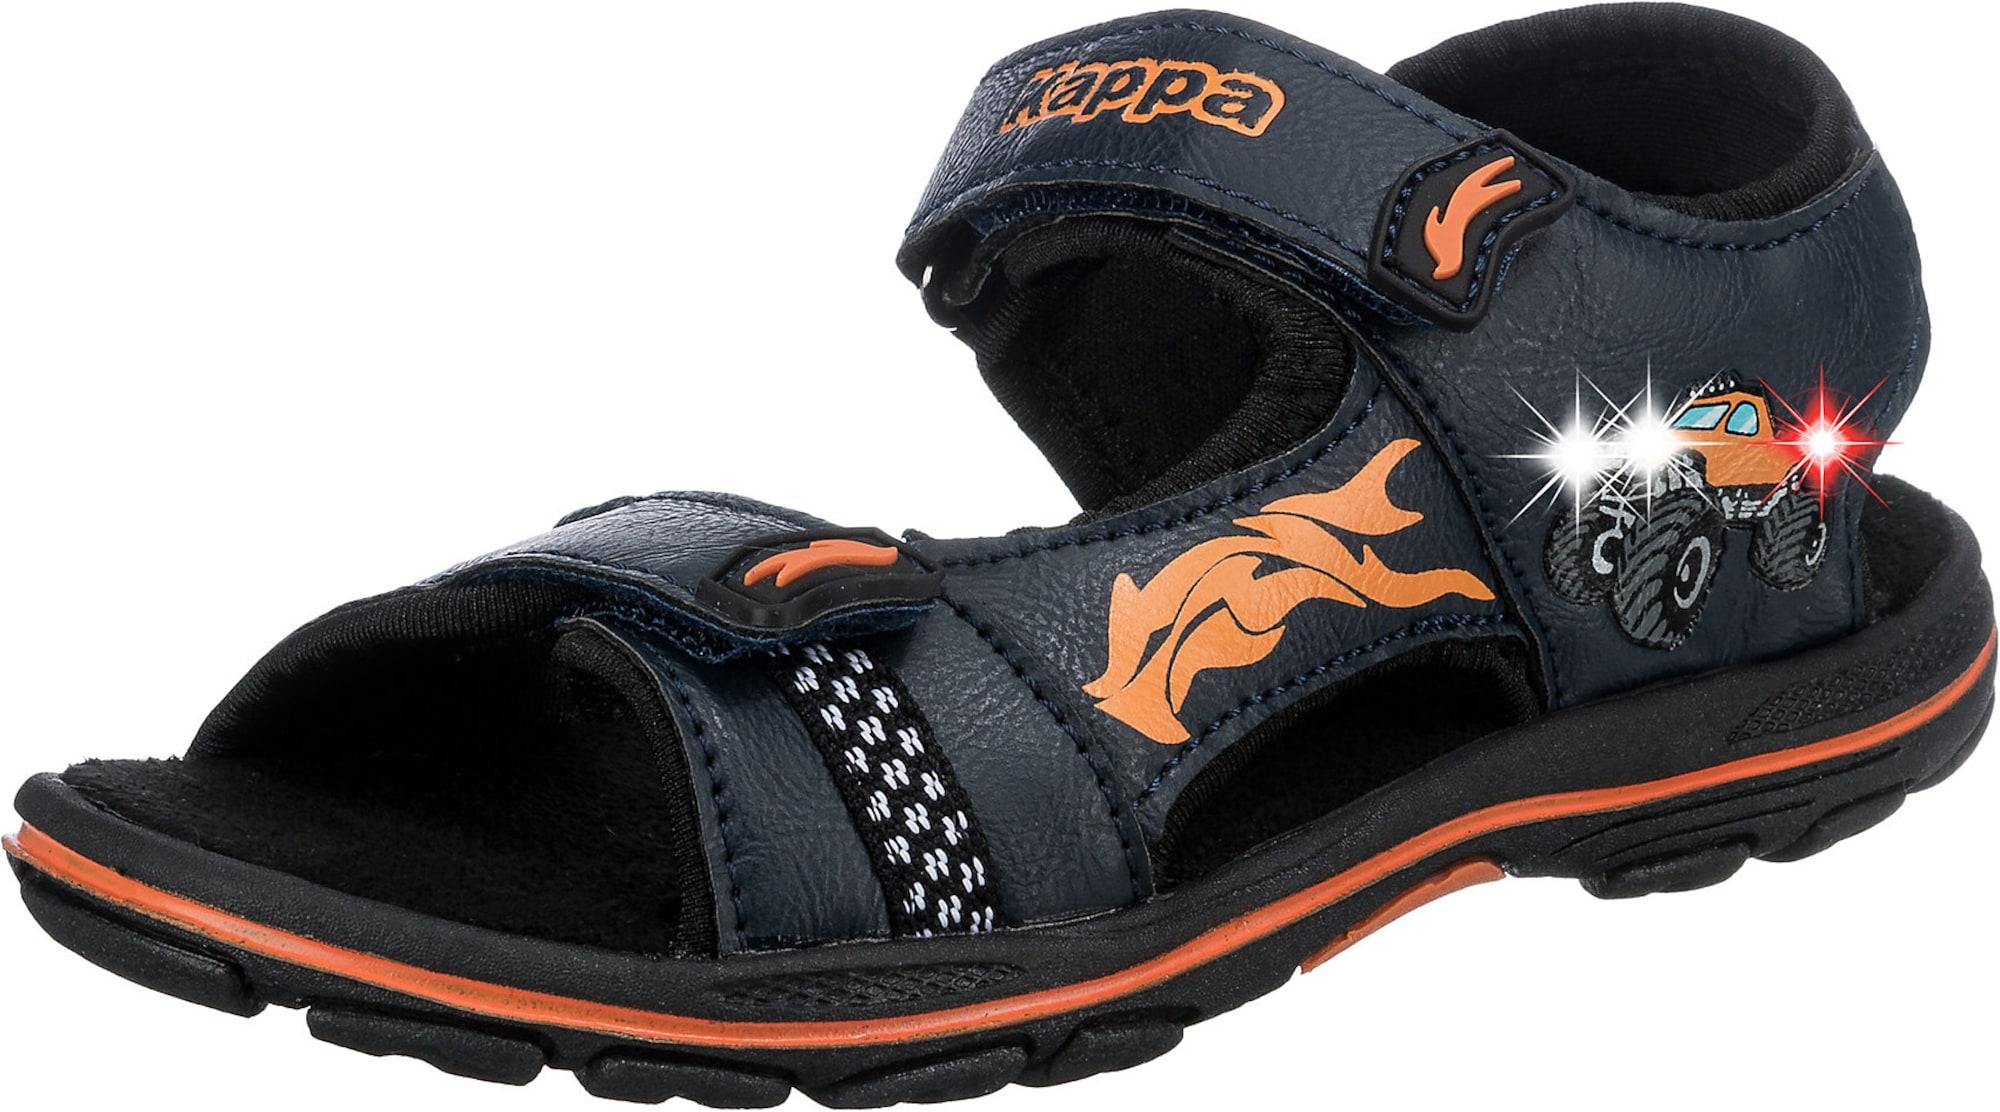 KAPPA Atviri batai ultramarino mėlyna (skaidri) / oranžinė / turkio spalva / balta